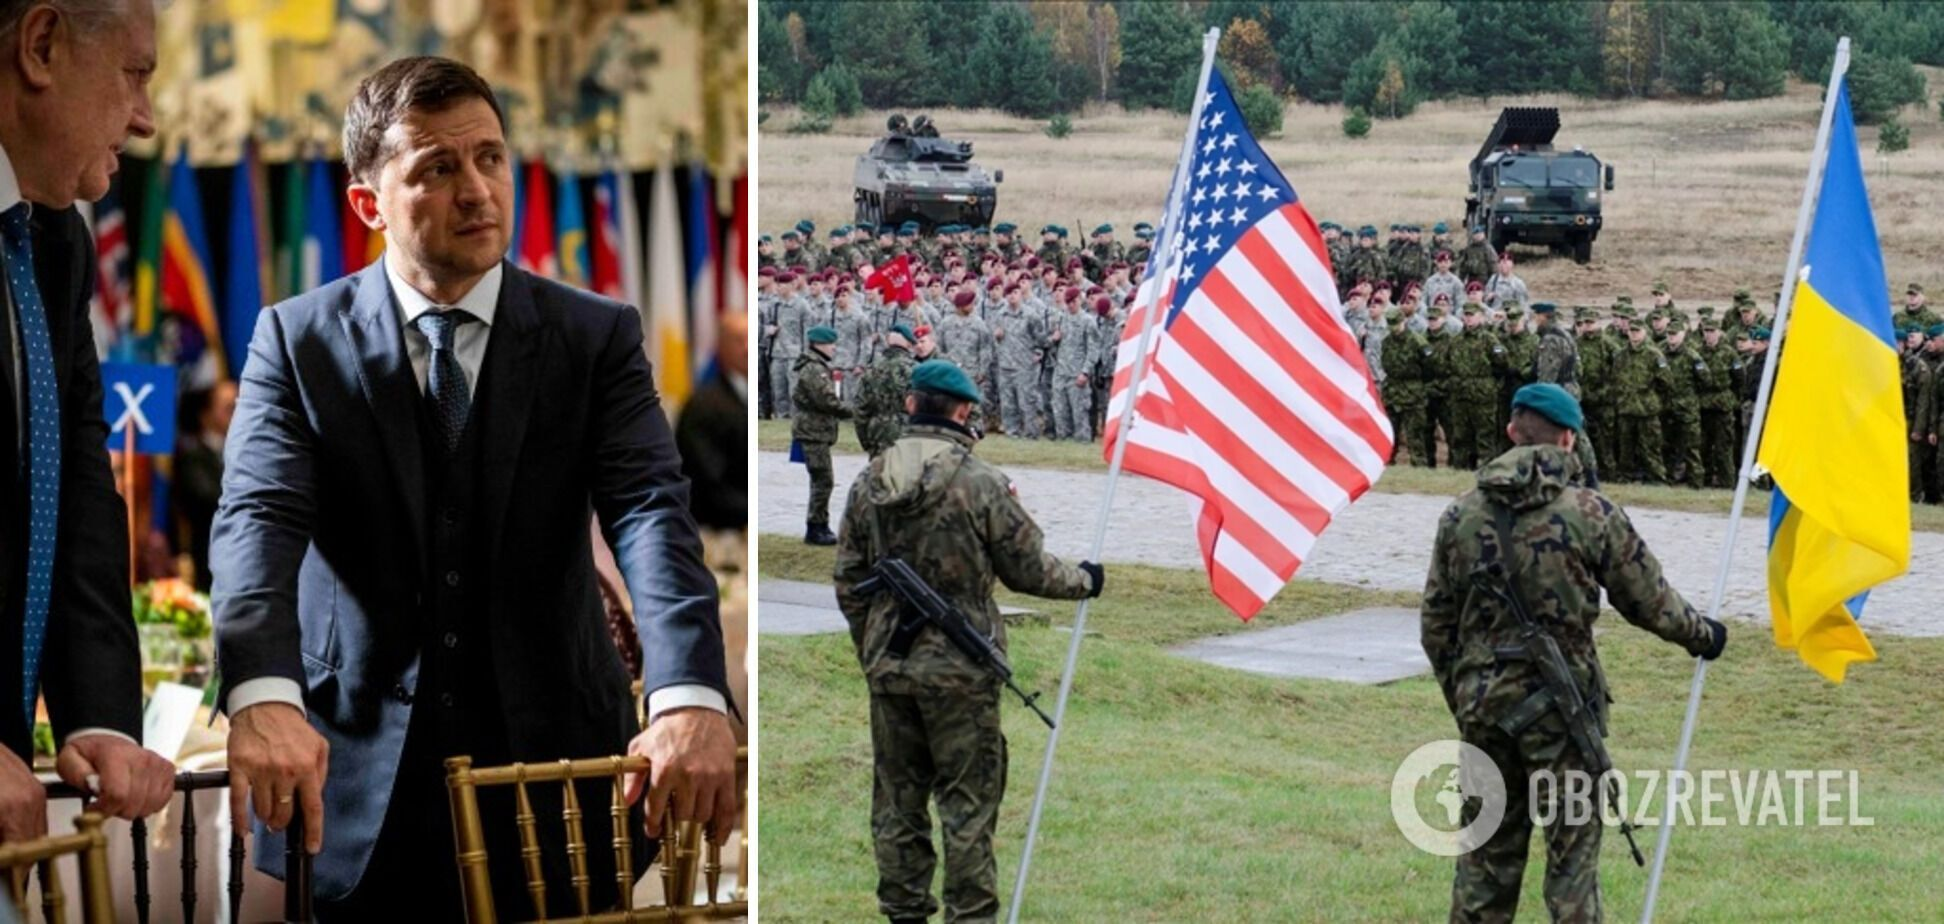 Операция по принуждению Украины к самостоятельности вступает в практическую плоскость